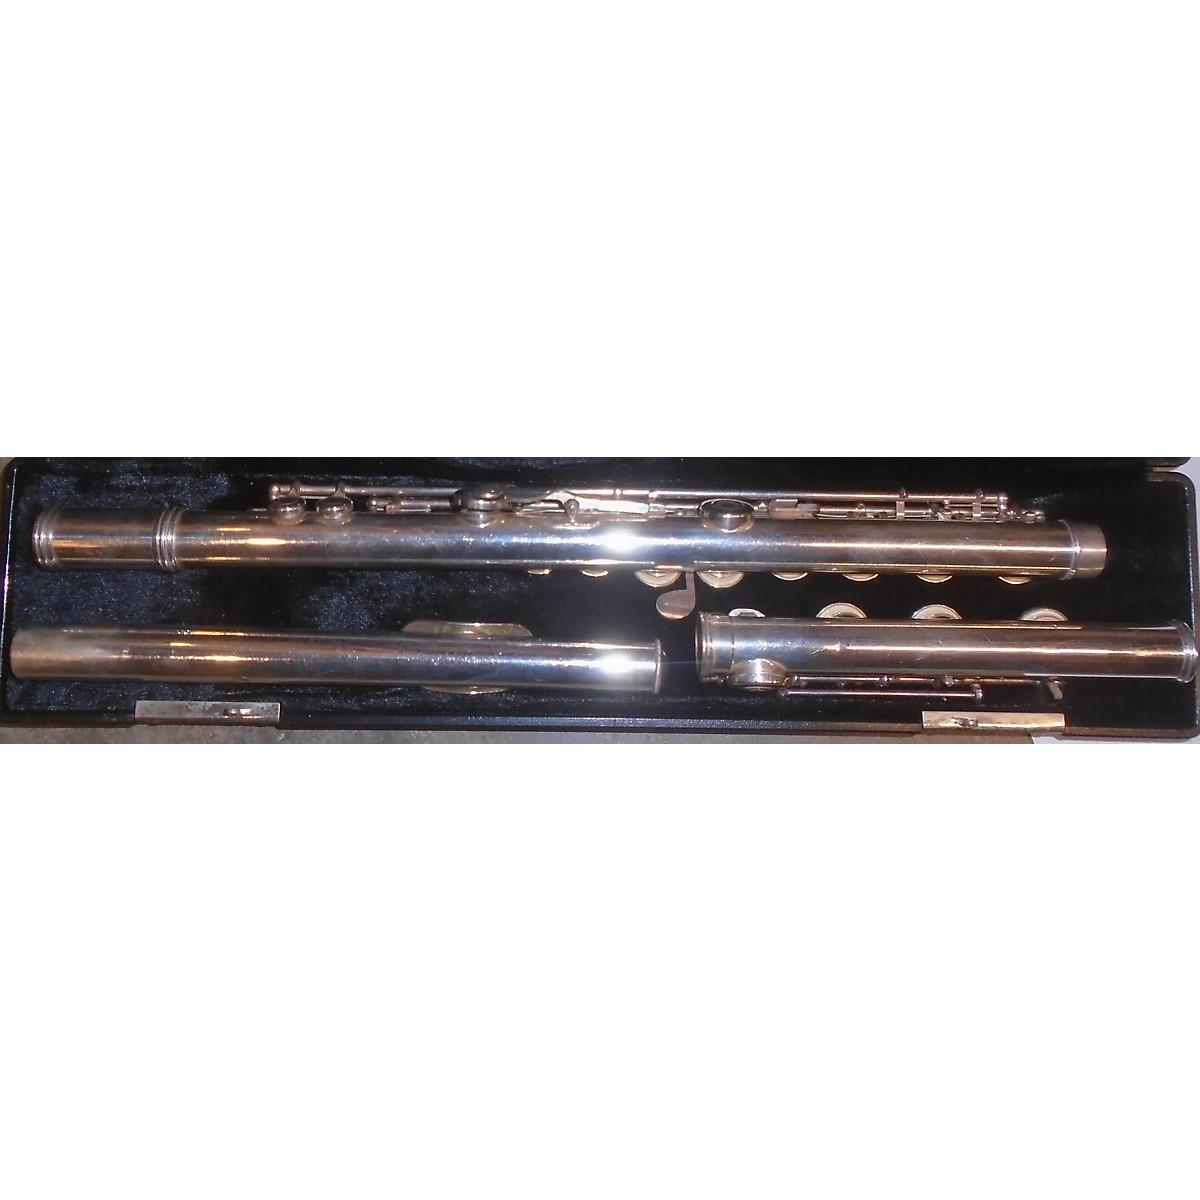 Gemeinhardt 30SB Flute